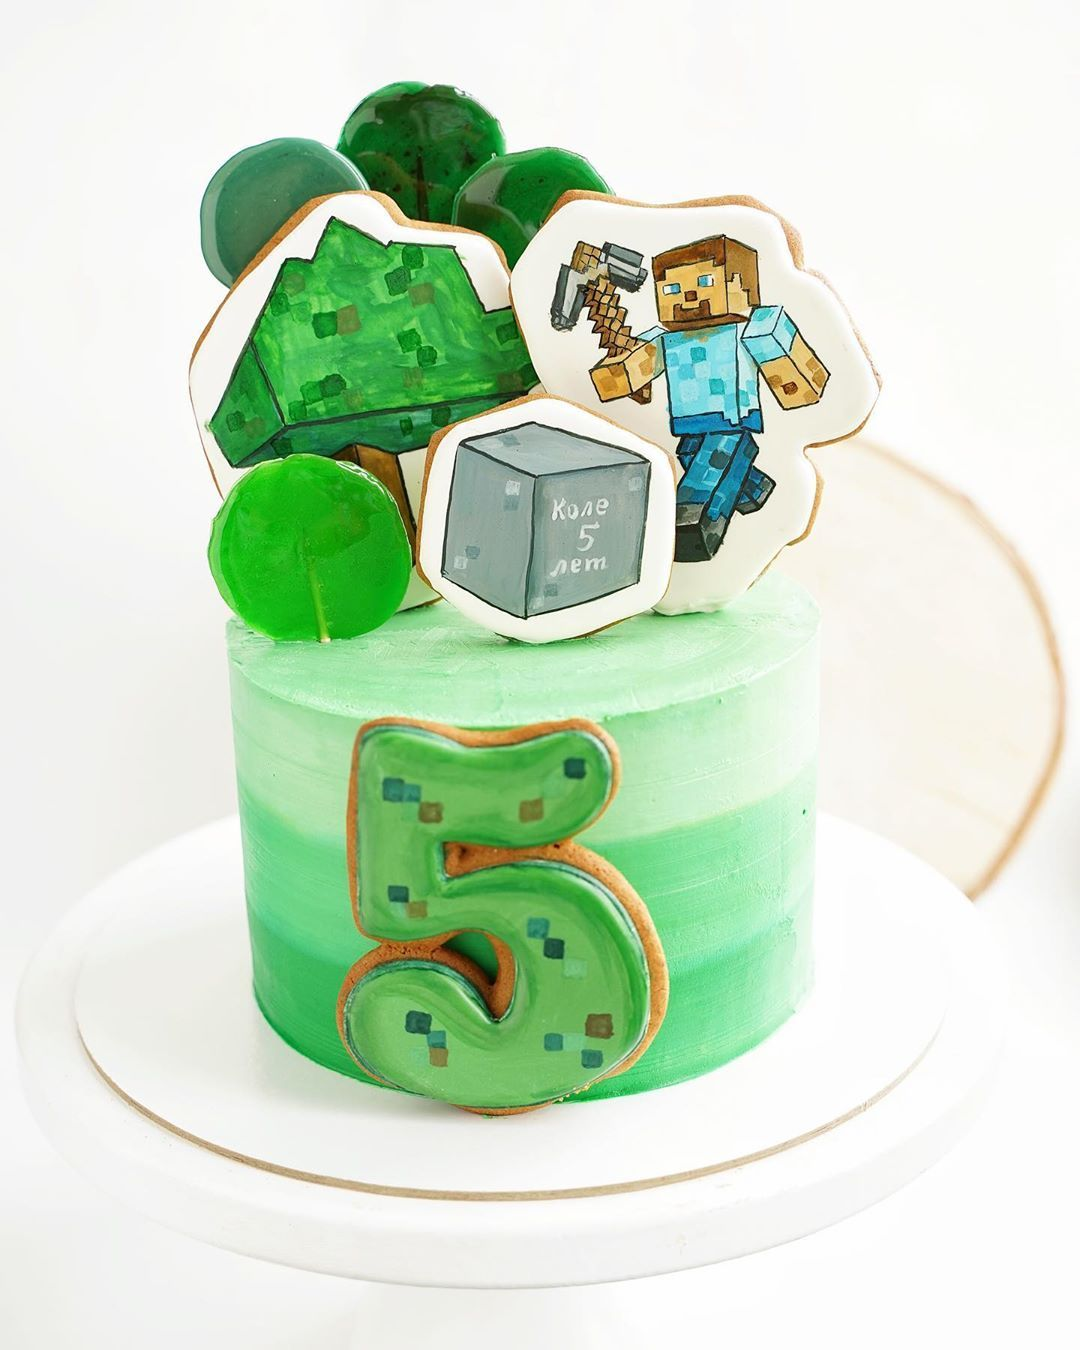 Время на сладкое. Торты: Чехов в Instagram: «Тортик в ...